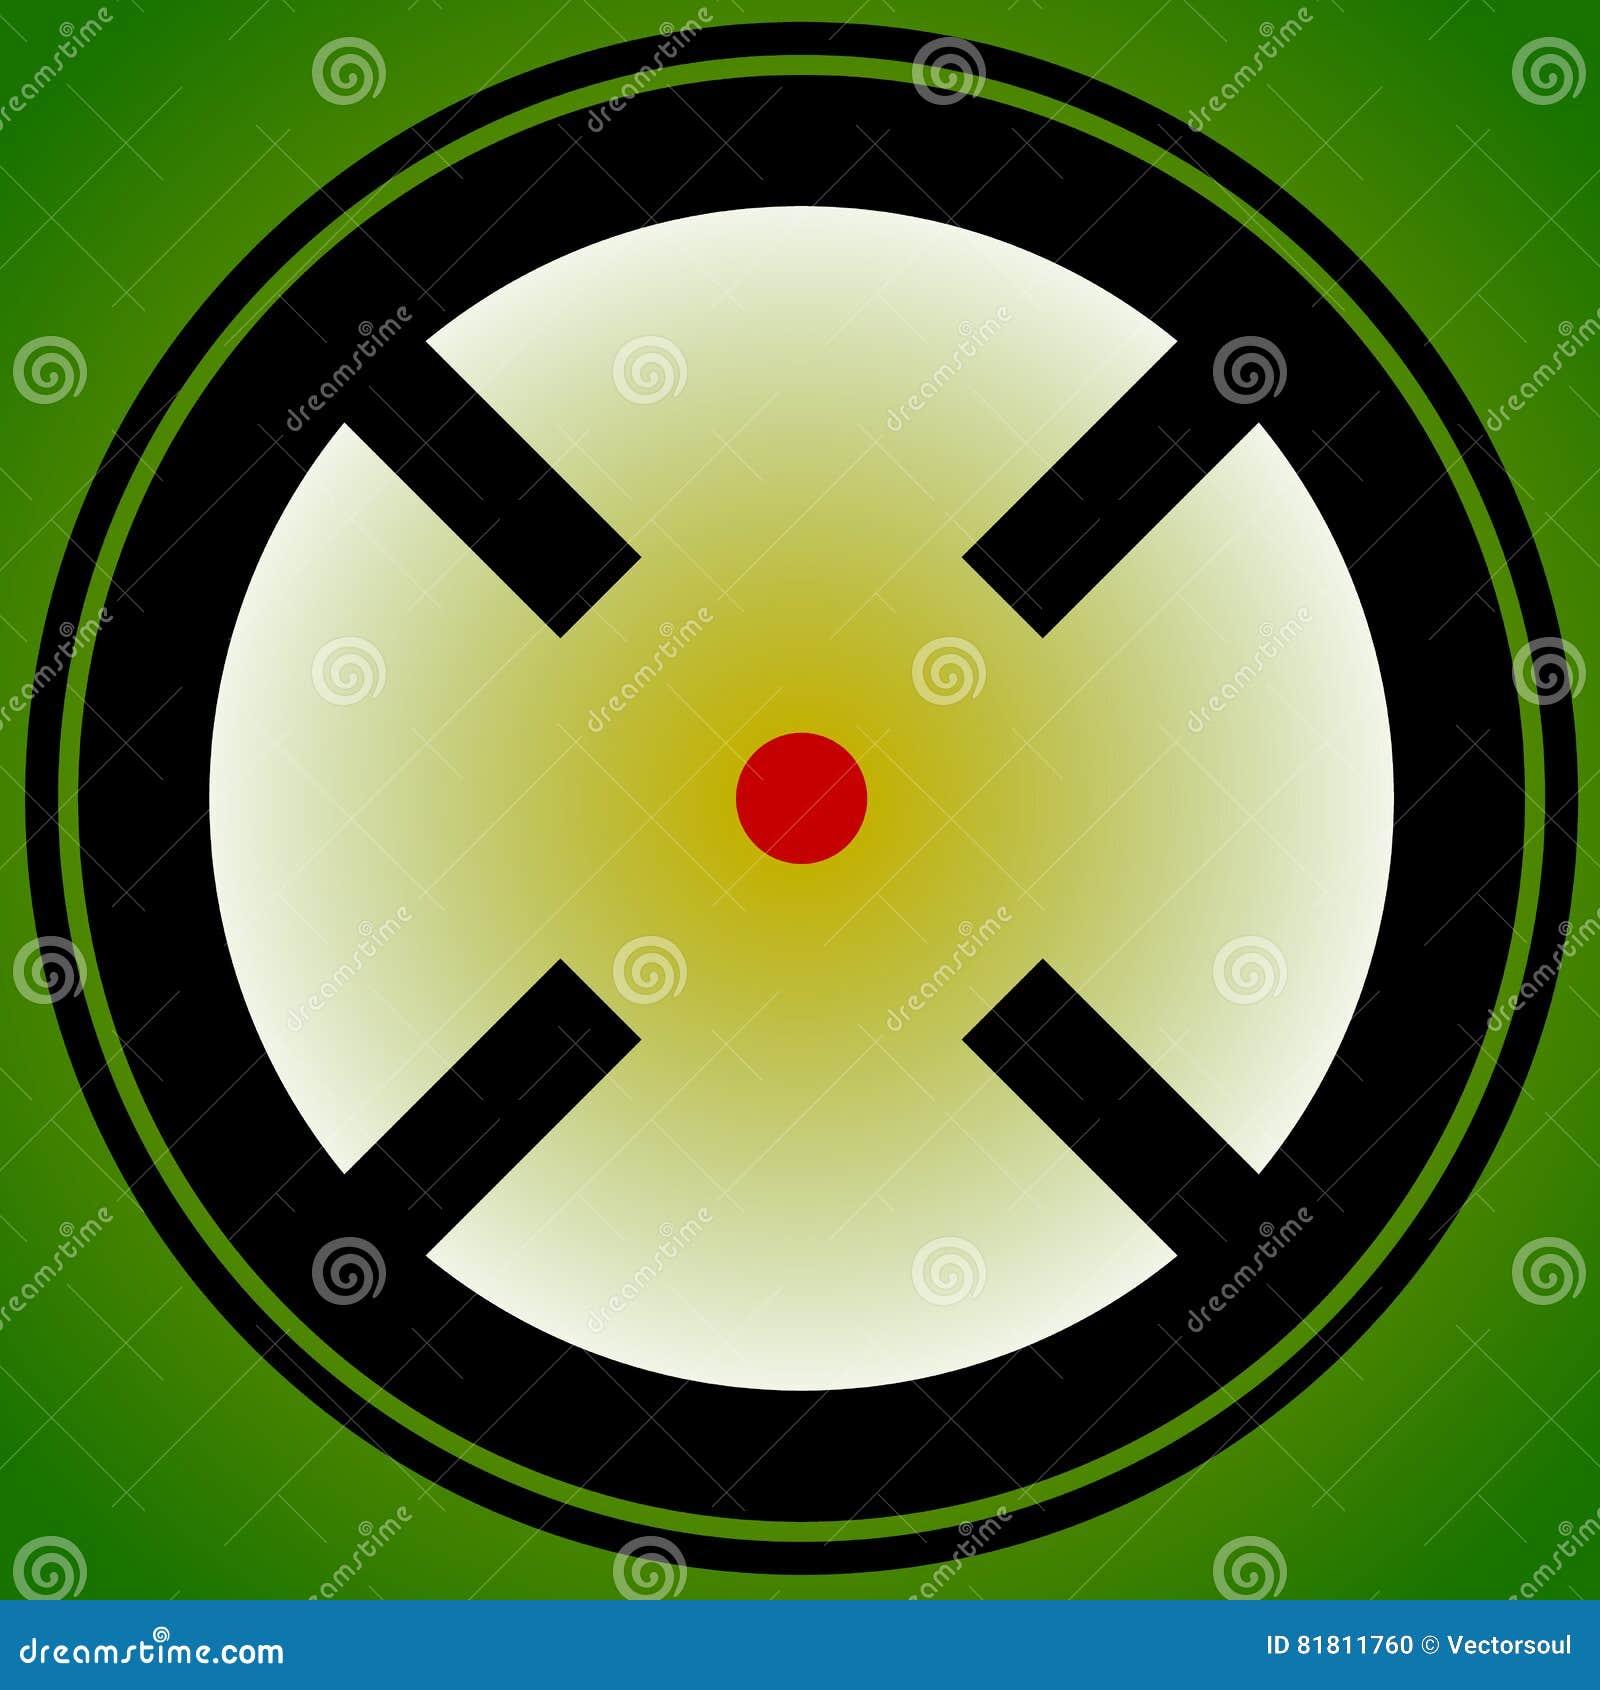 Celuje ocenę, reticle, crosshair ikona dla ostrości, dokładność, cel